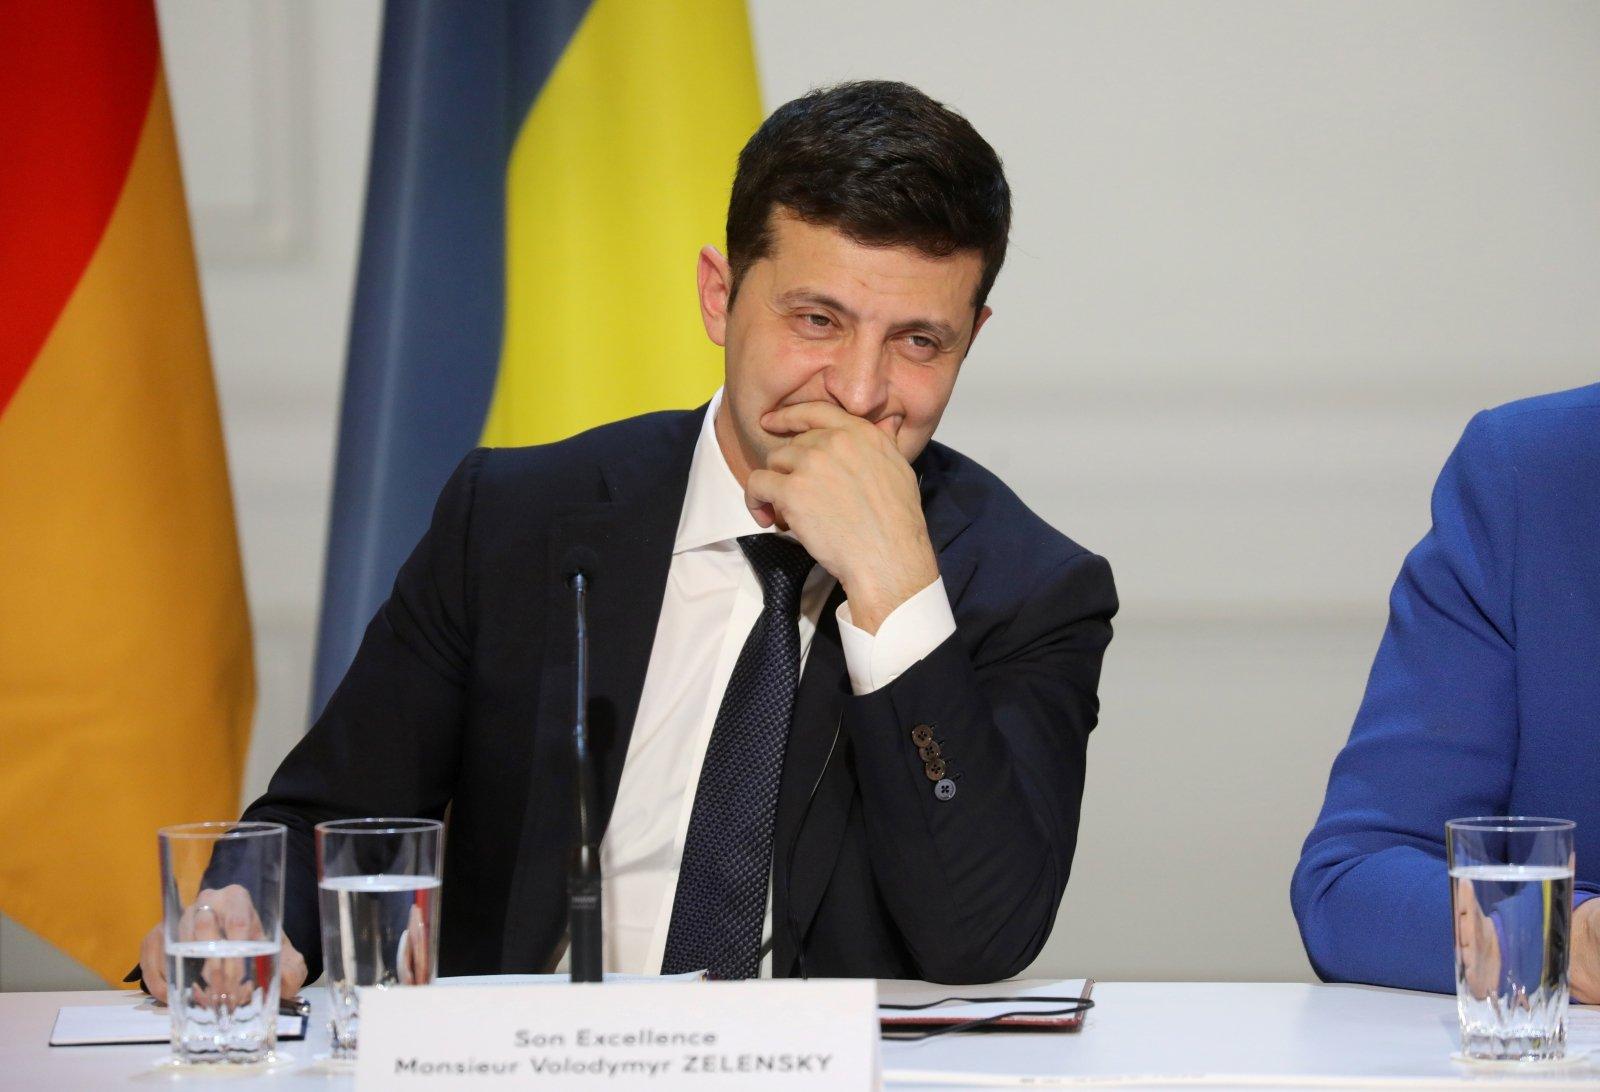 Зеленский: Сняли вопрос о $3 млрд, которые мы выиграли у России в арбитраже. Мы готовы взять газом